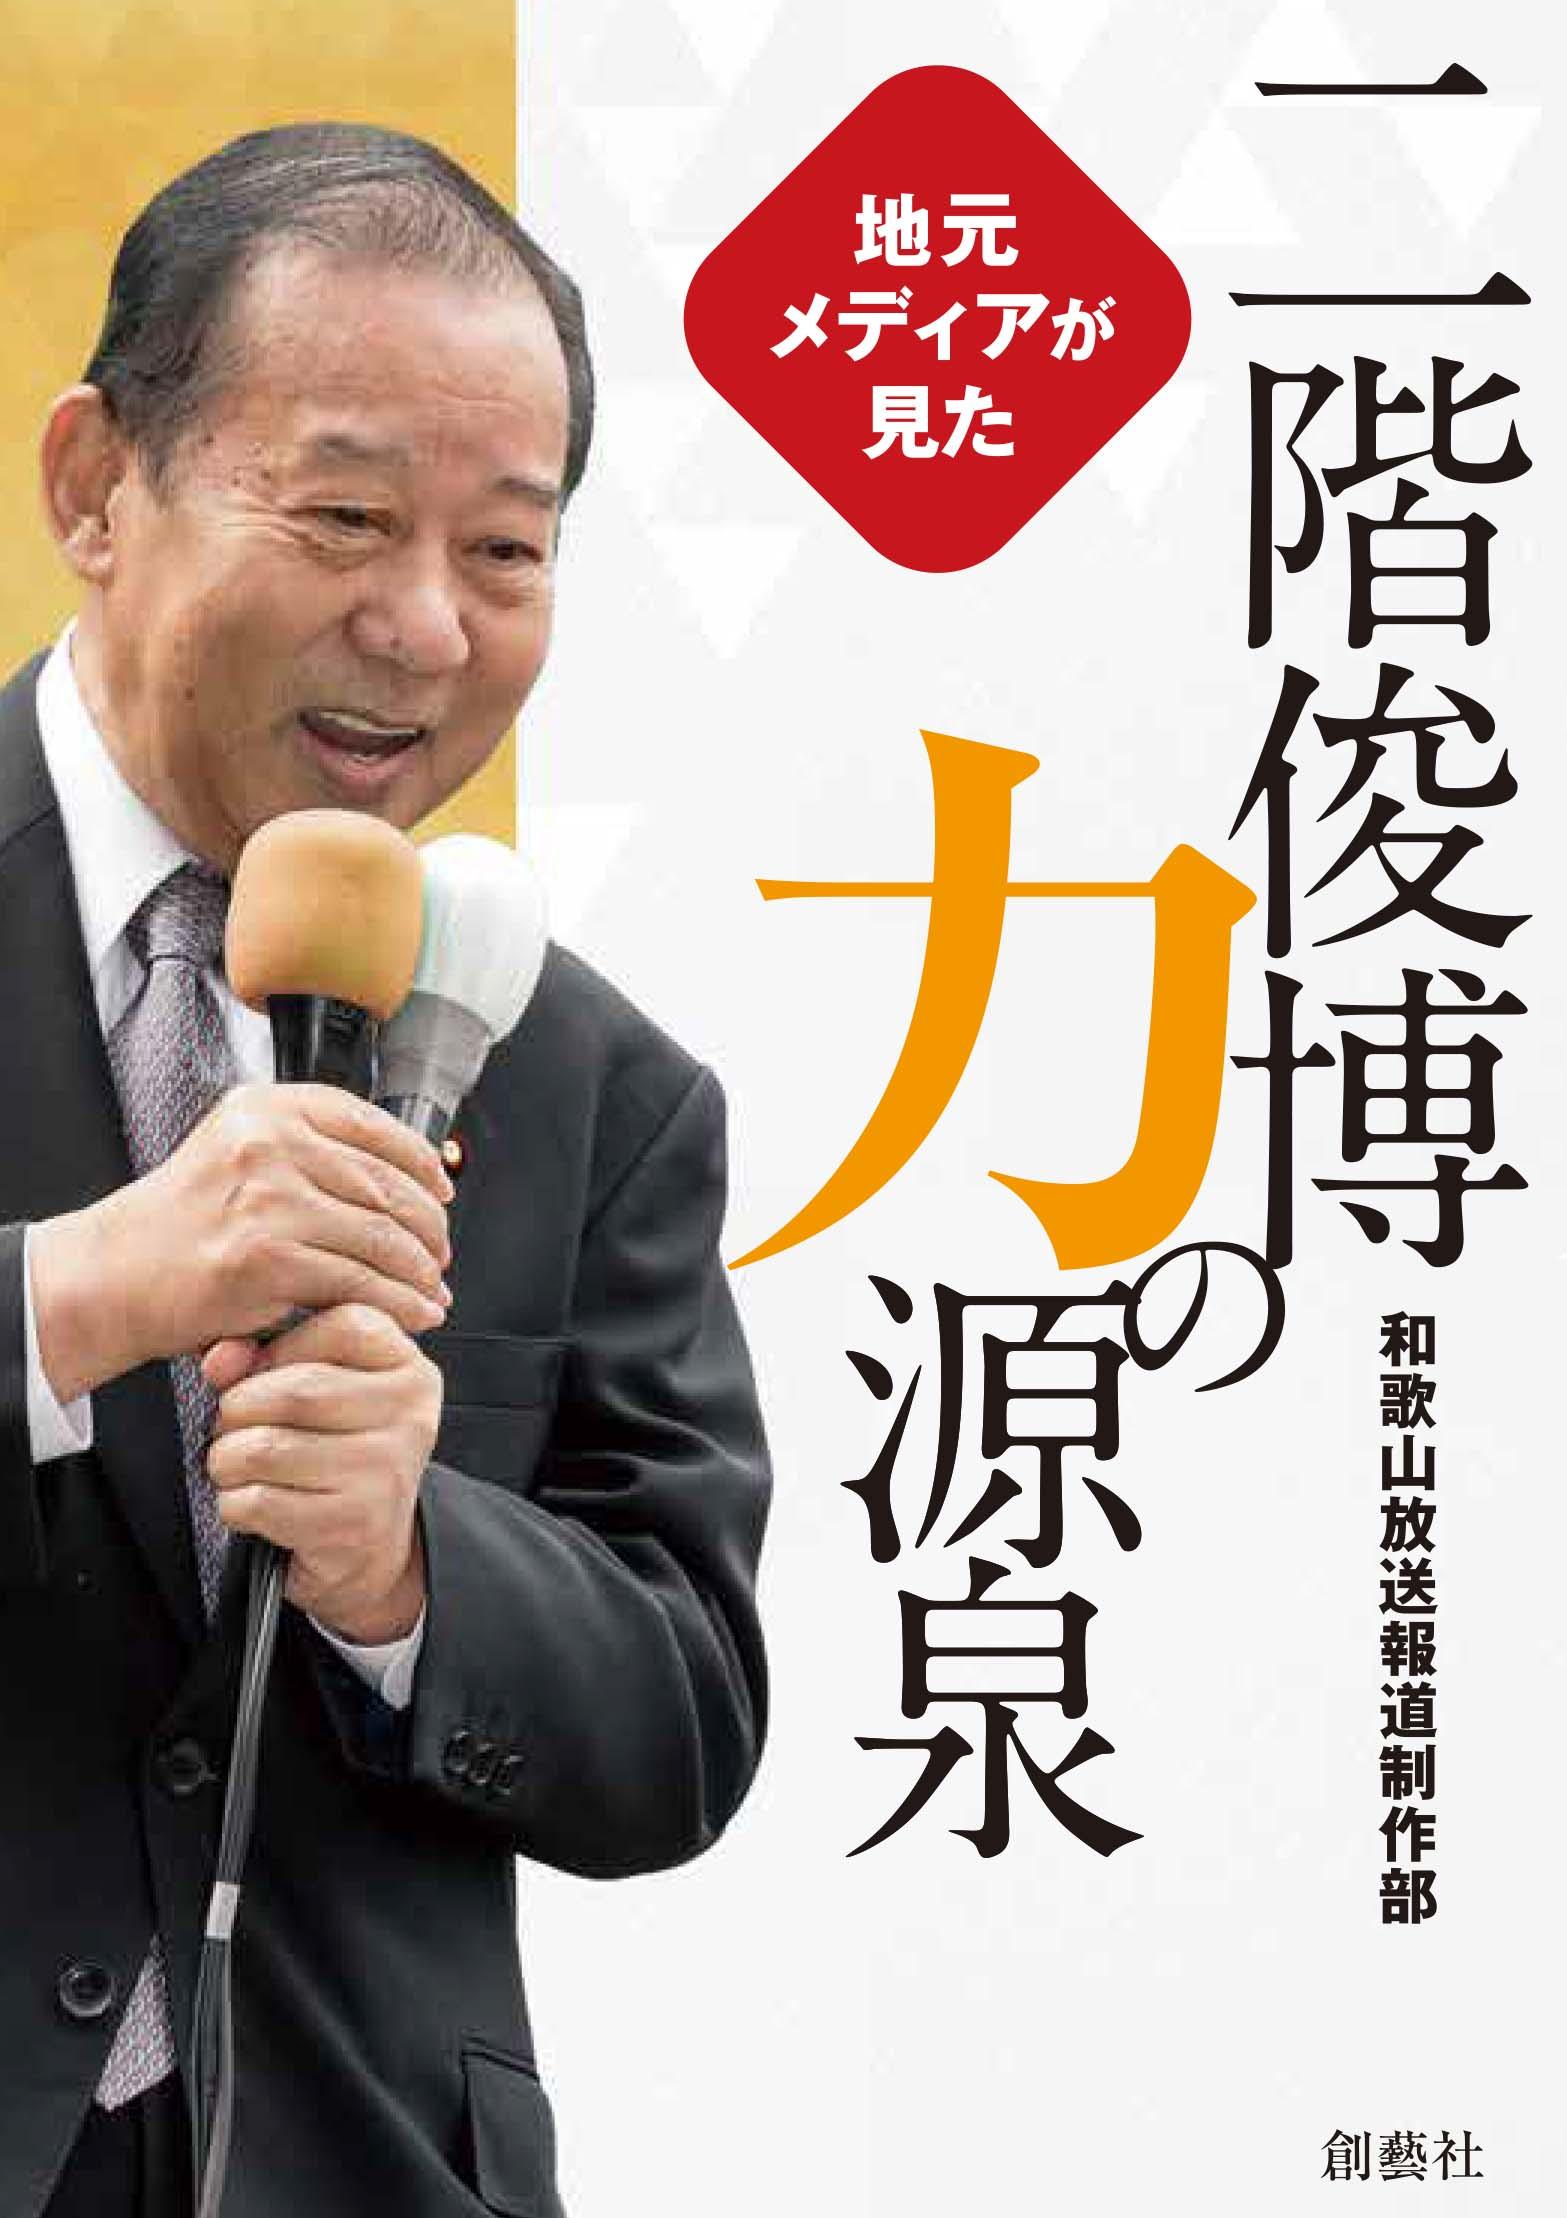 地元メディアが見た 二階俊博 力の源泉 表紙